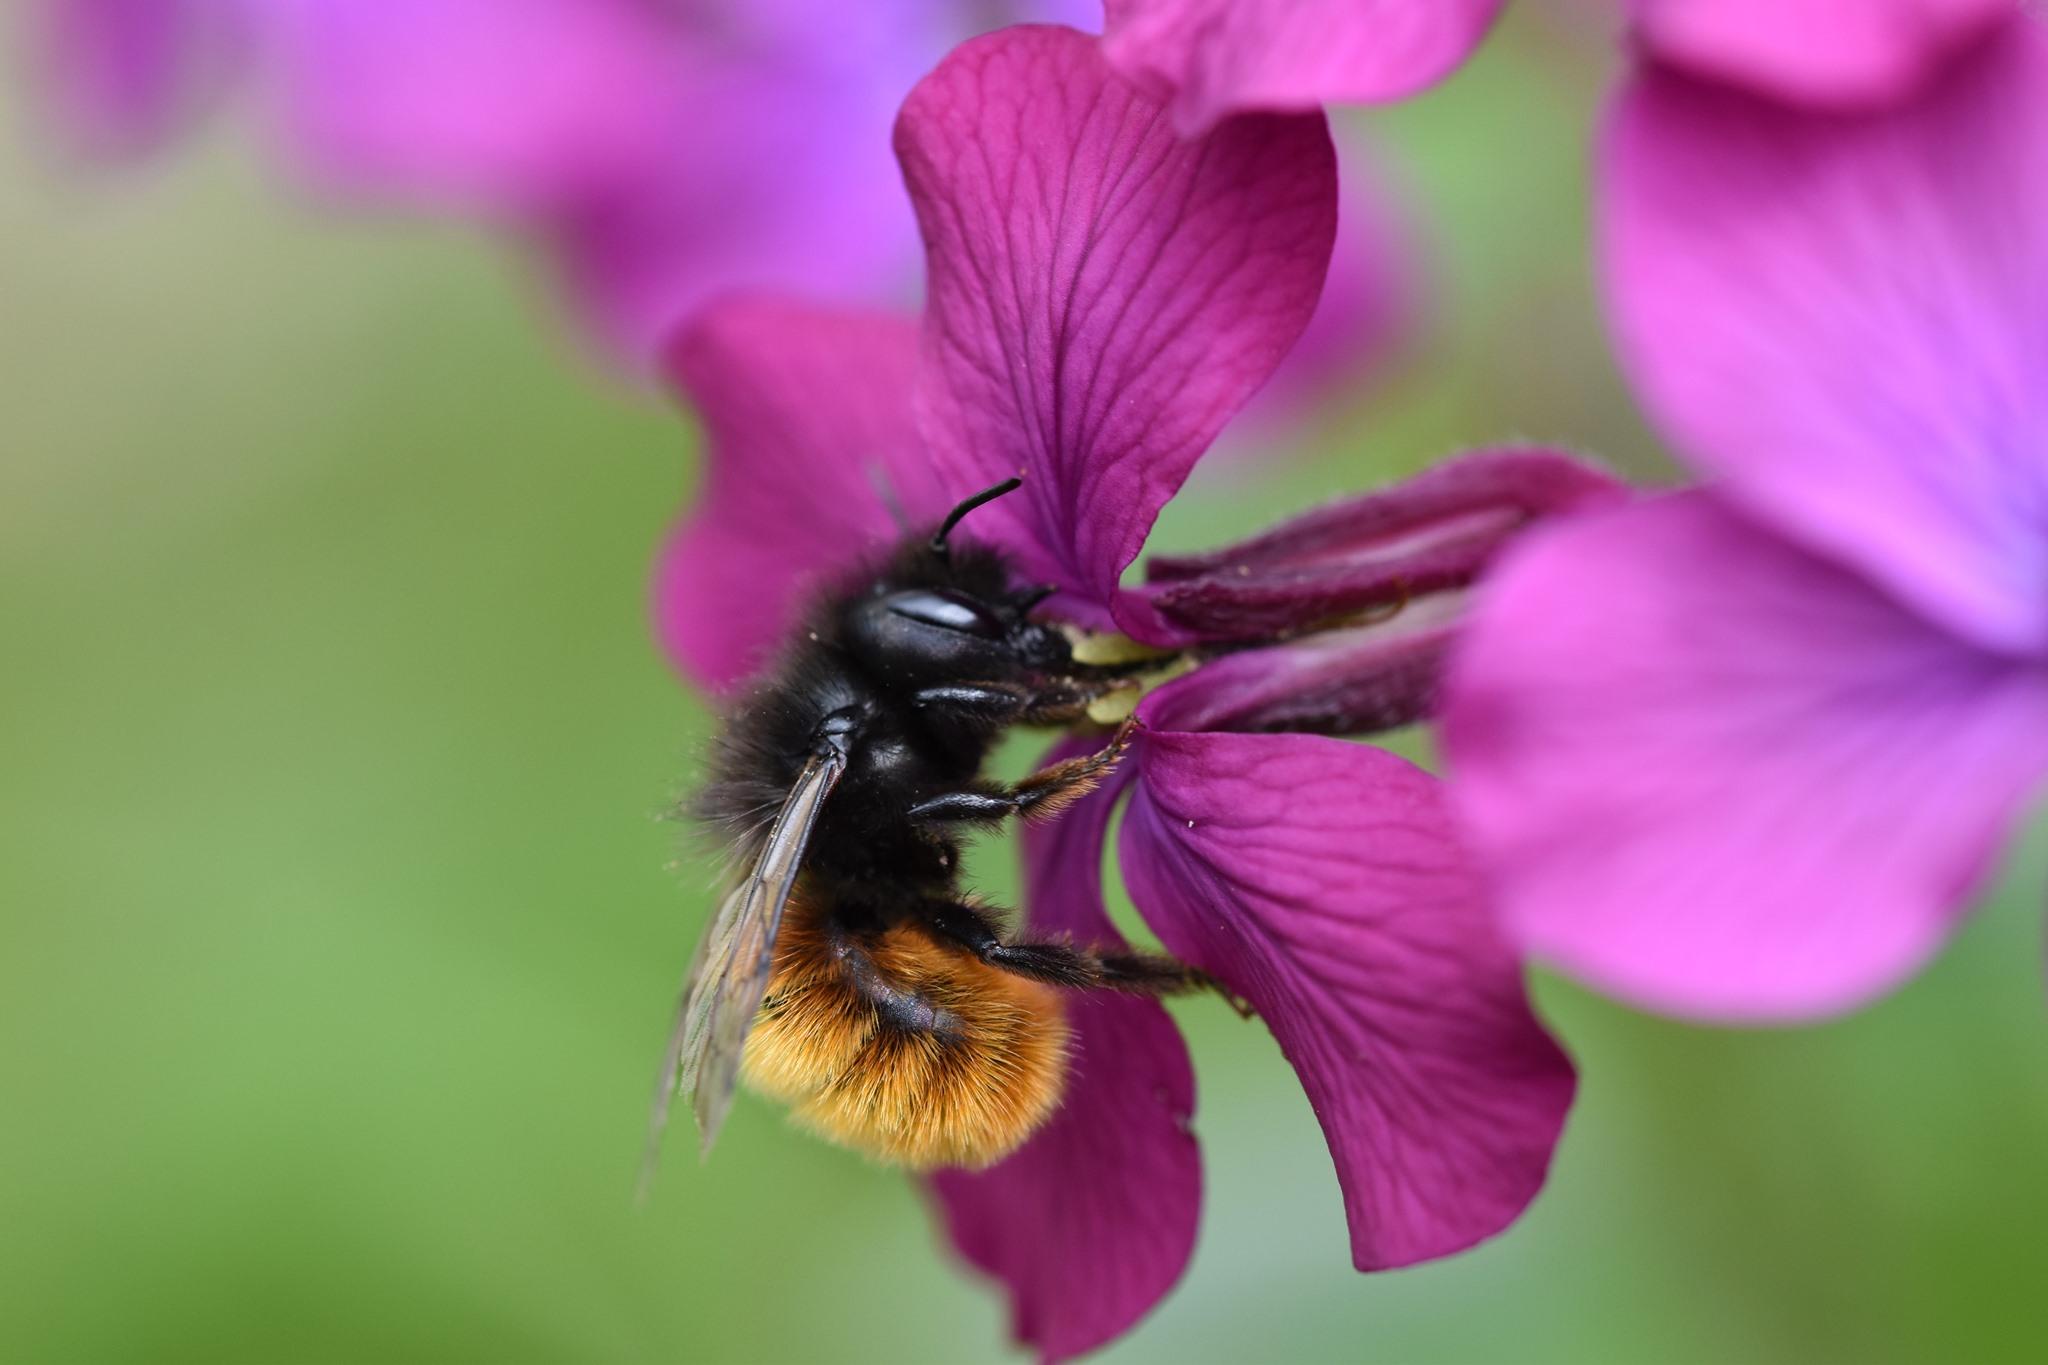 Bienenarten - Mauerbiene am Silberblatt